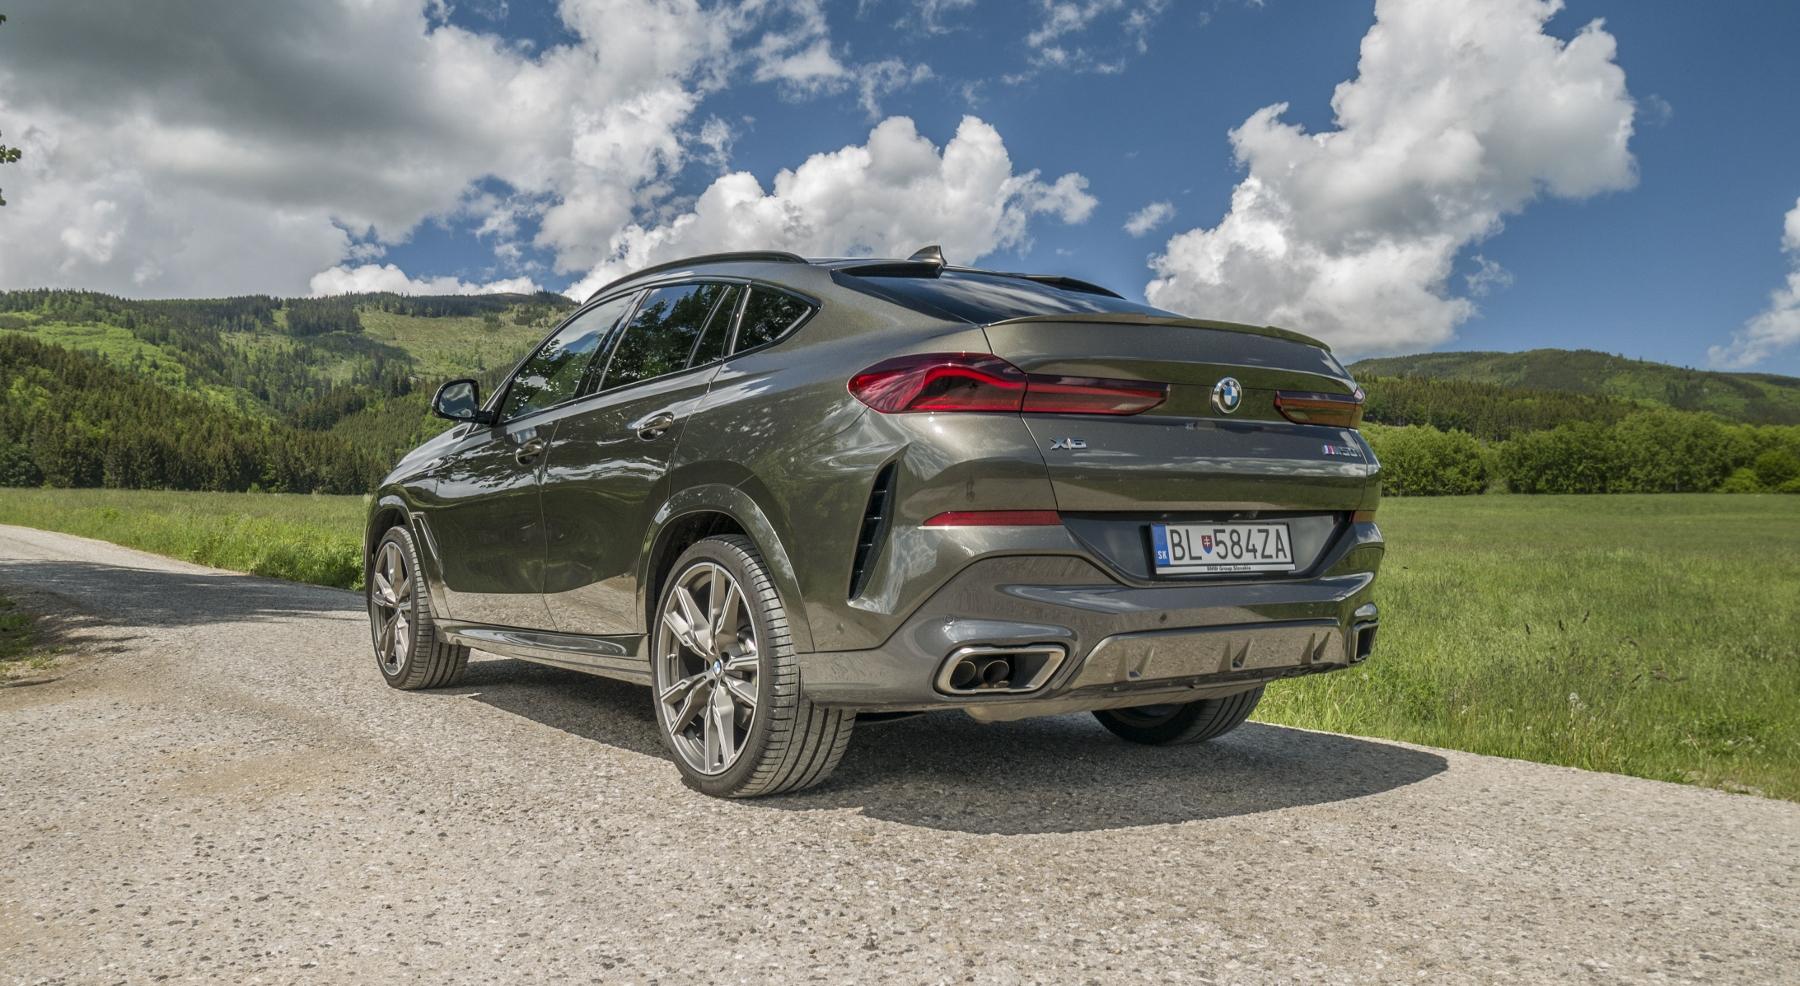 Test: BMW X6 M50i napína benzínové svaly, ale neukazuje plnú silu OjPtIbFzZ4 bmw-x6-m50i-14